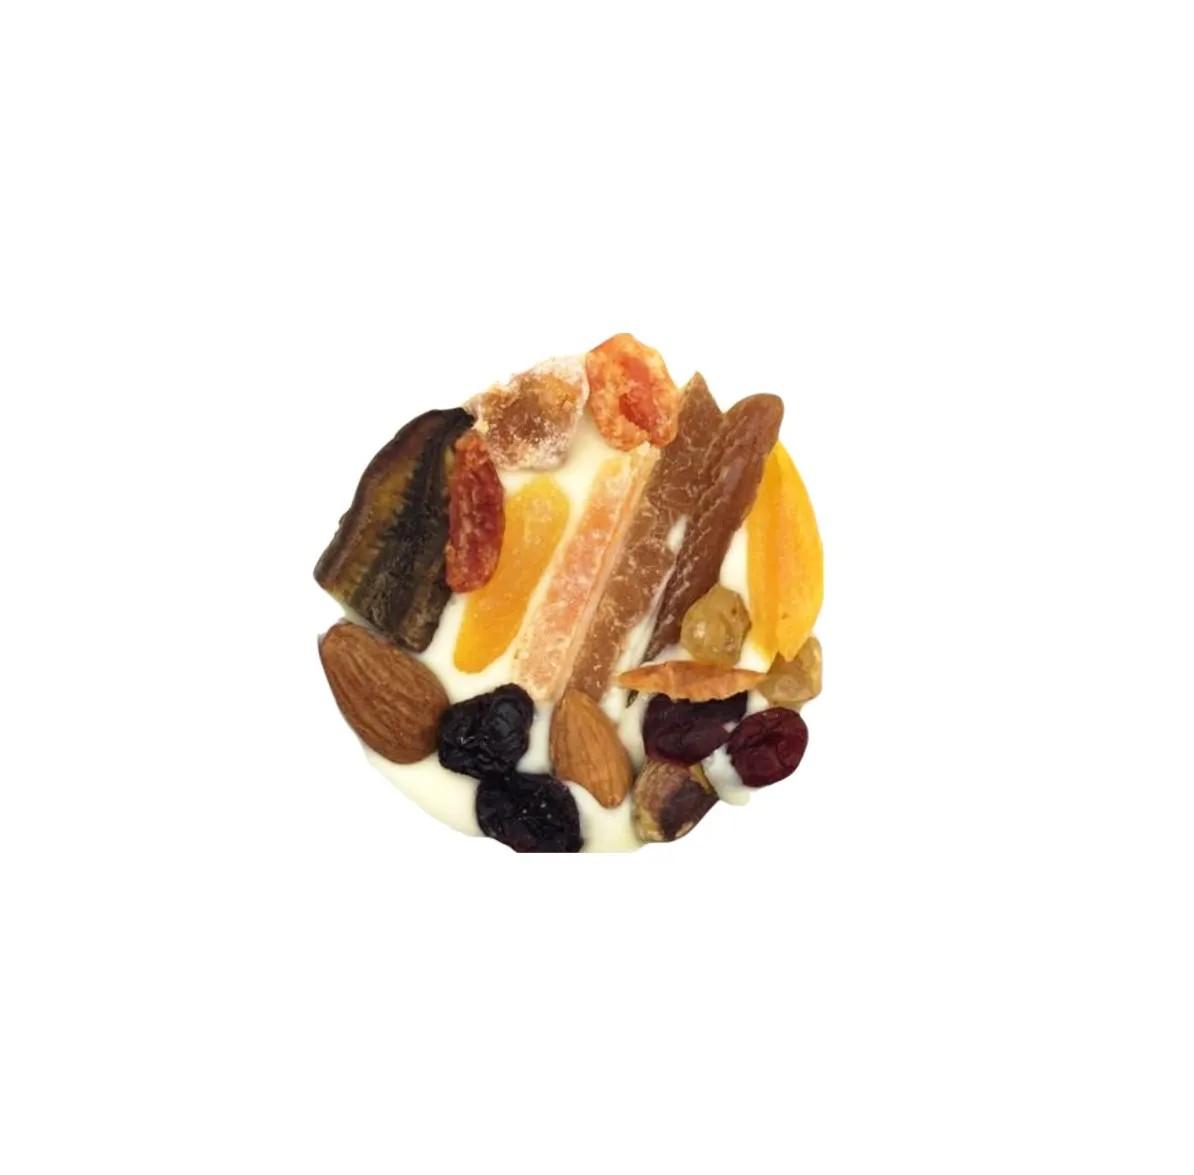 Medalhão de Frutas com Chocolate Branco